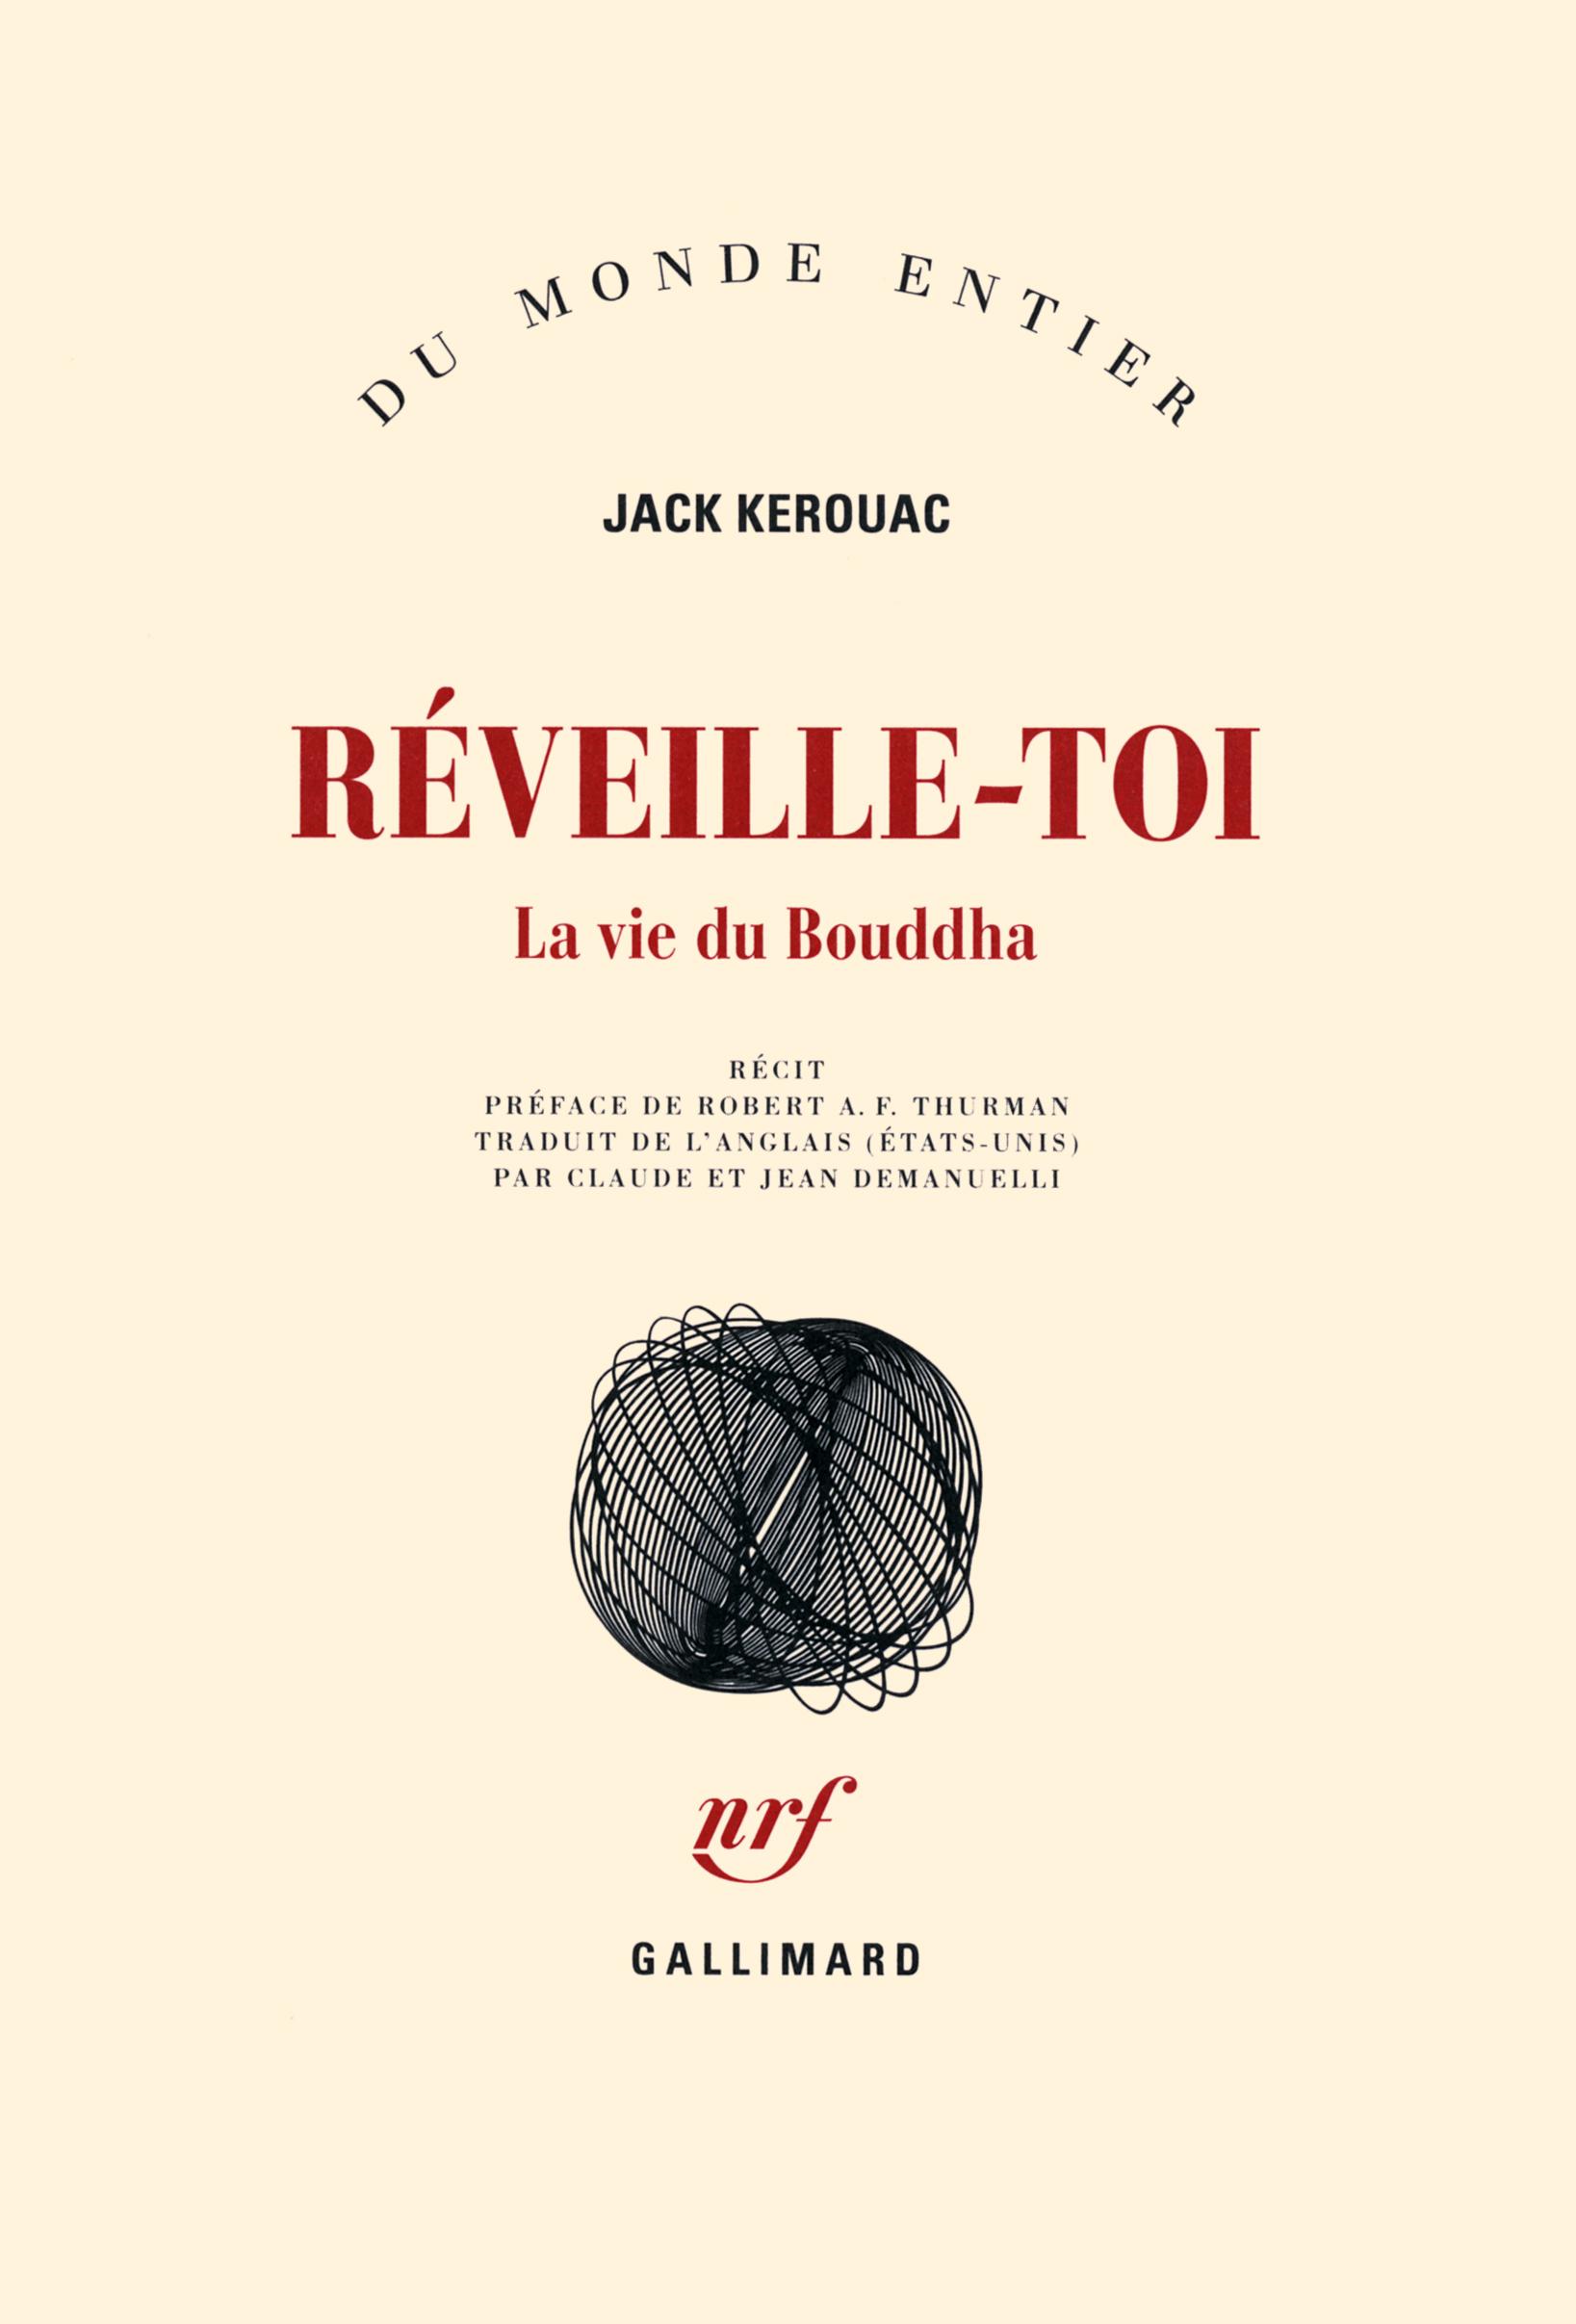 REVEILLE-TOI RECIT - LA VIE DU BOUDDHA